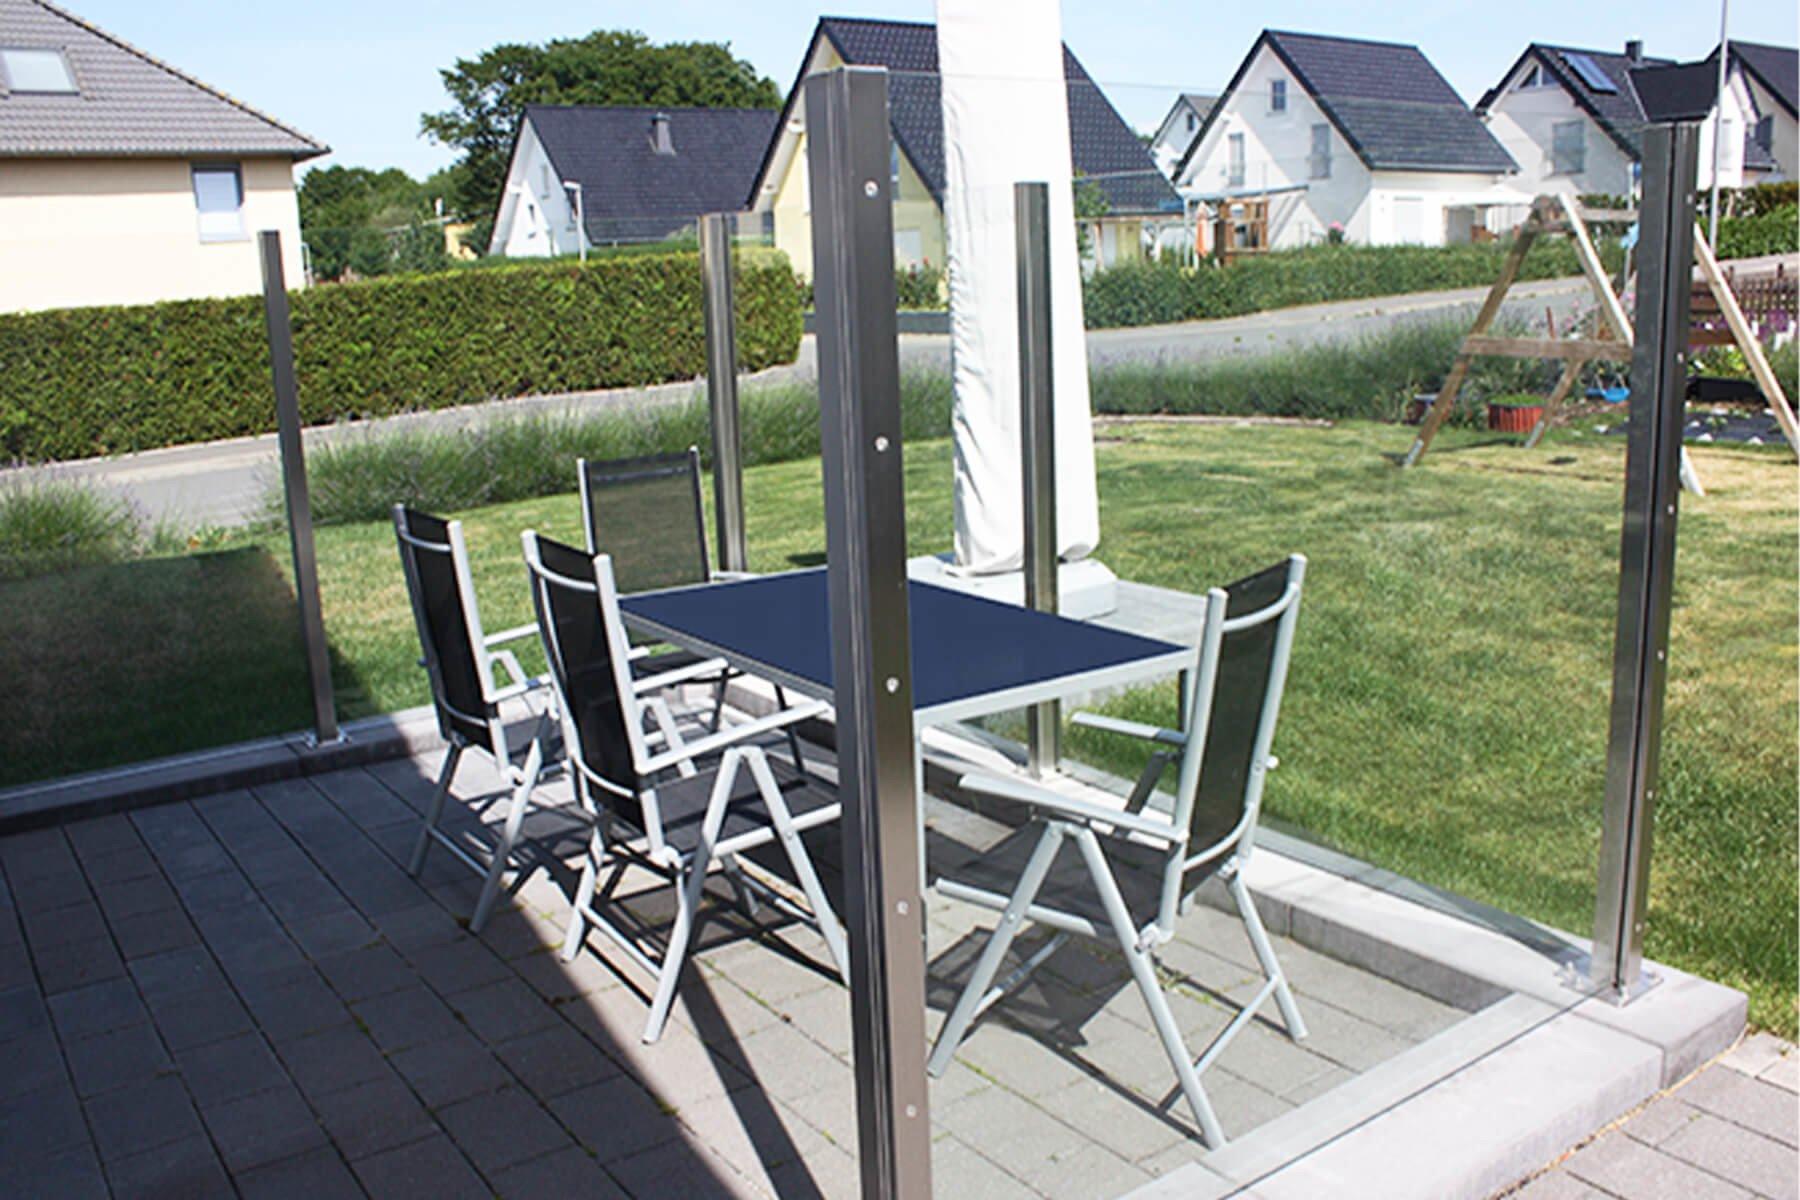 durchgehend-geschlossener-windschutz-aus-glas-in-moderner- optik-fuer-garten-und-terasse